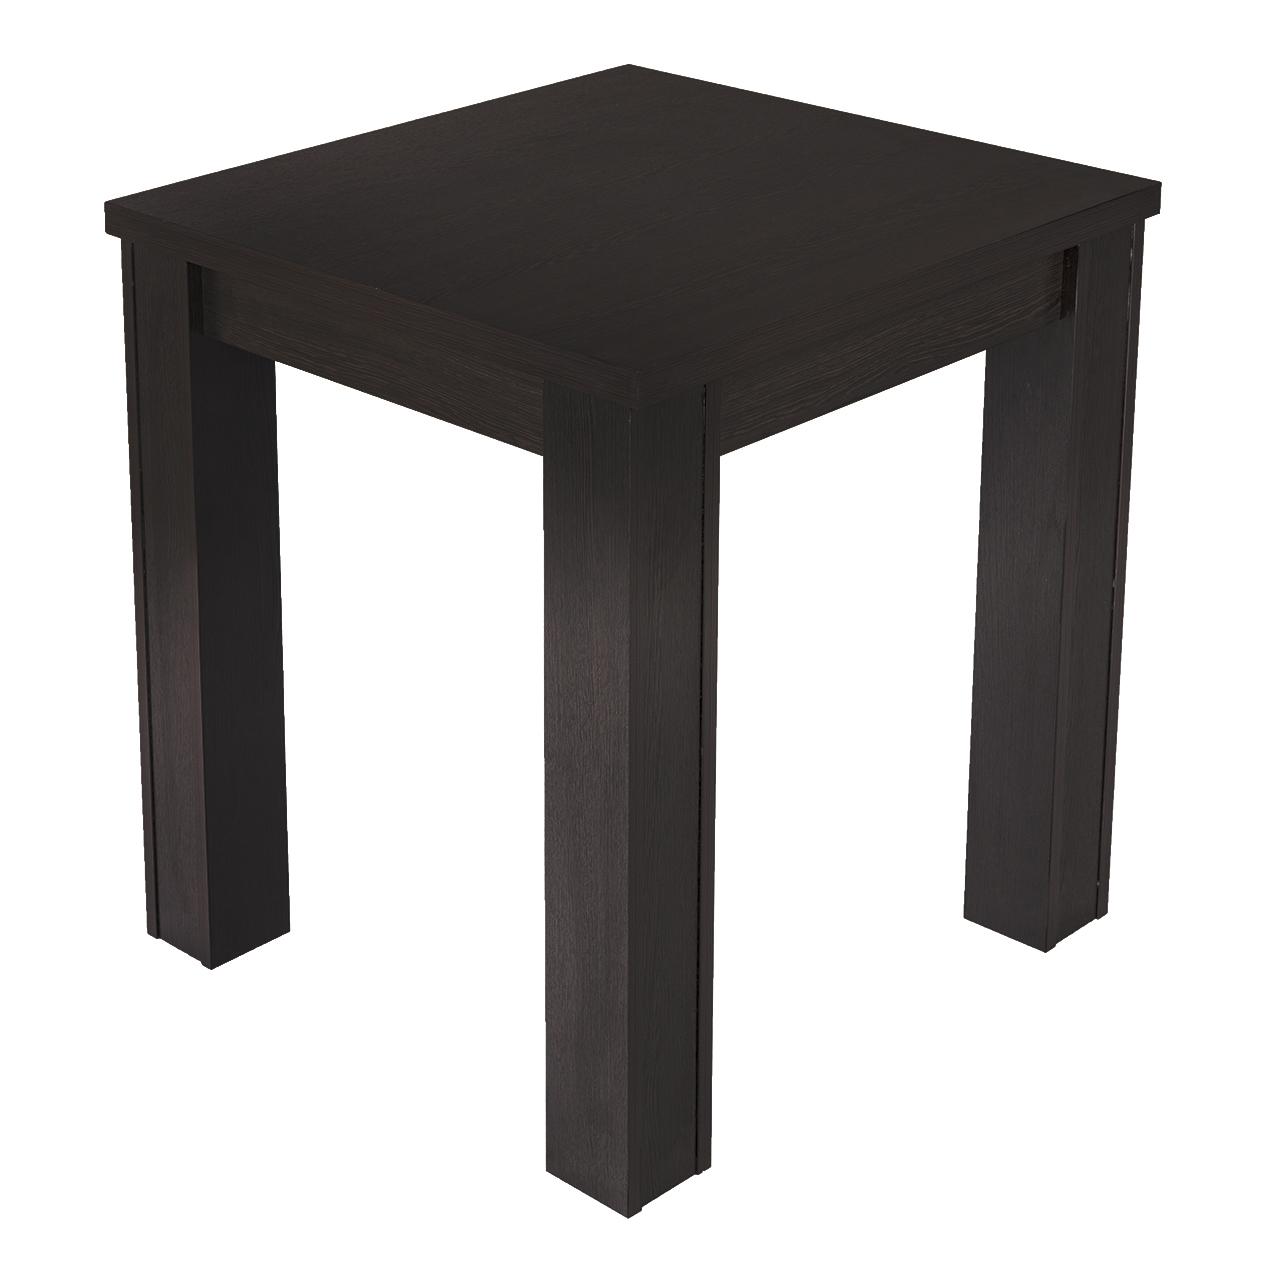 میز ناهار خوری مدل میگون-قهوه ای 65*65